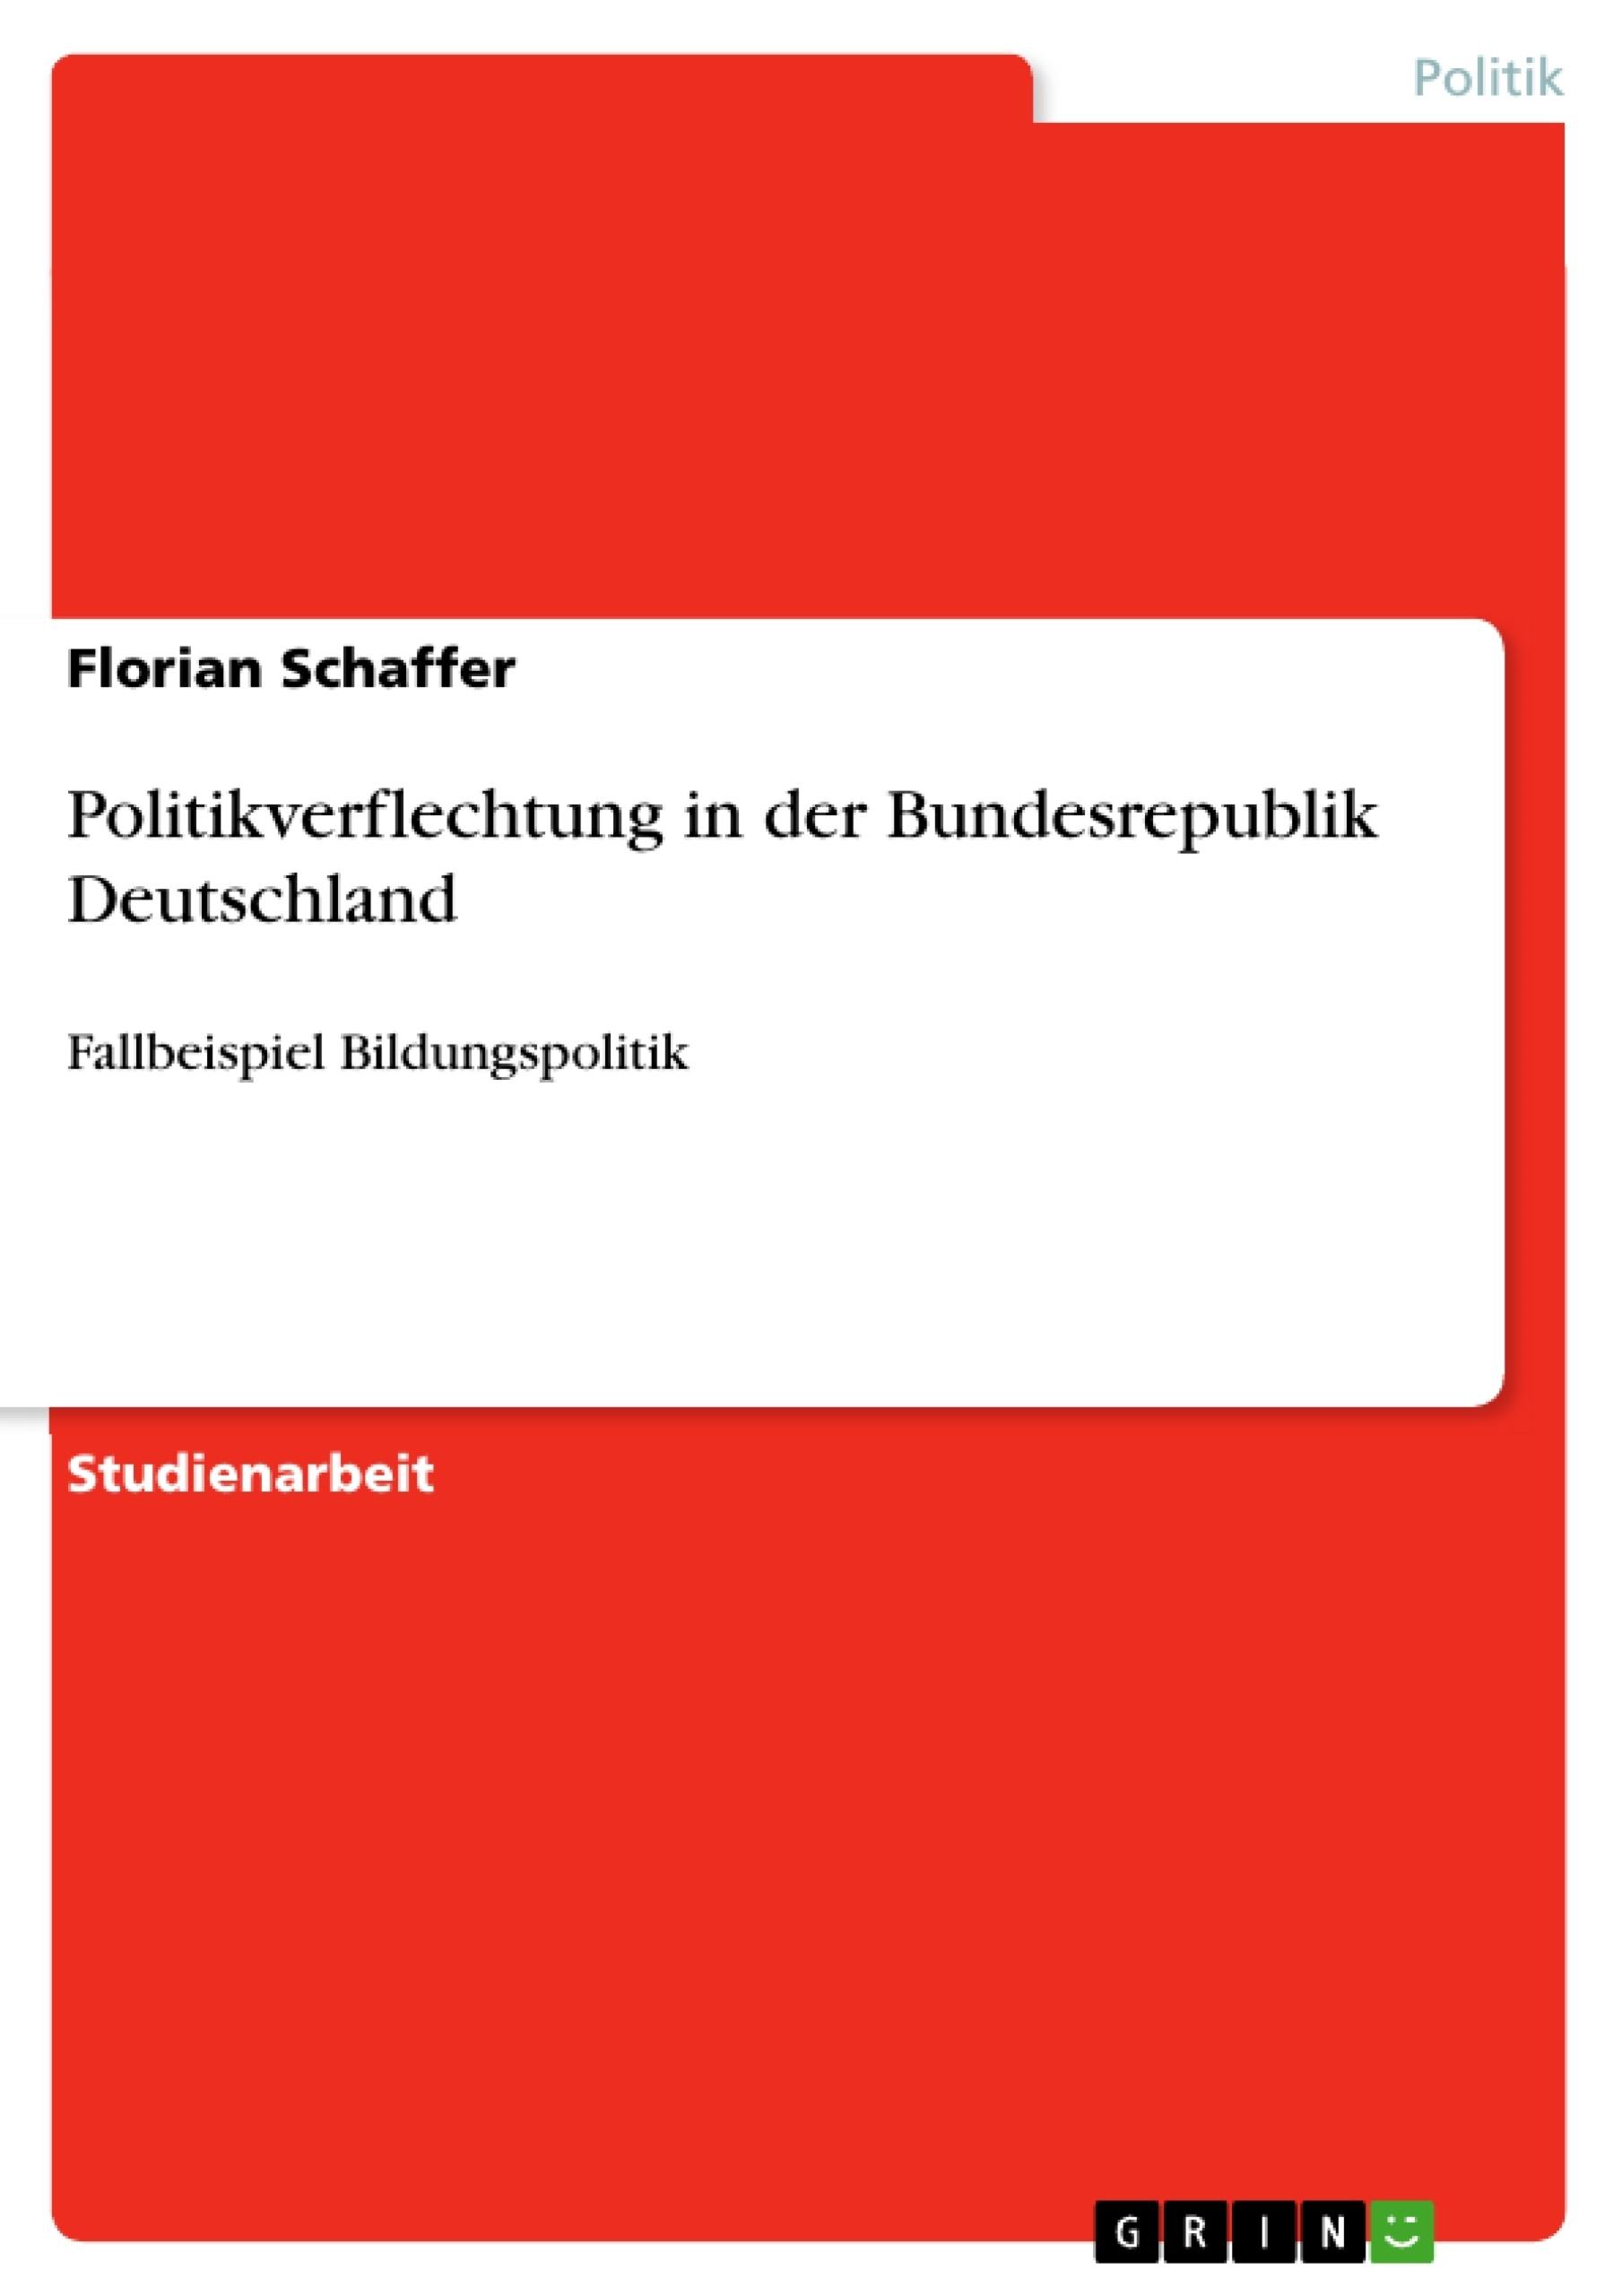 Titel: Politikverflechtung in der Bundesrepublik Deutschland